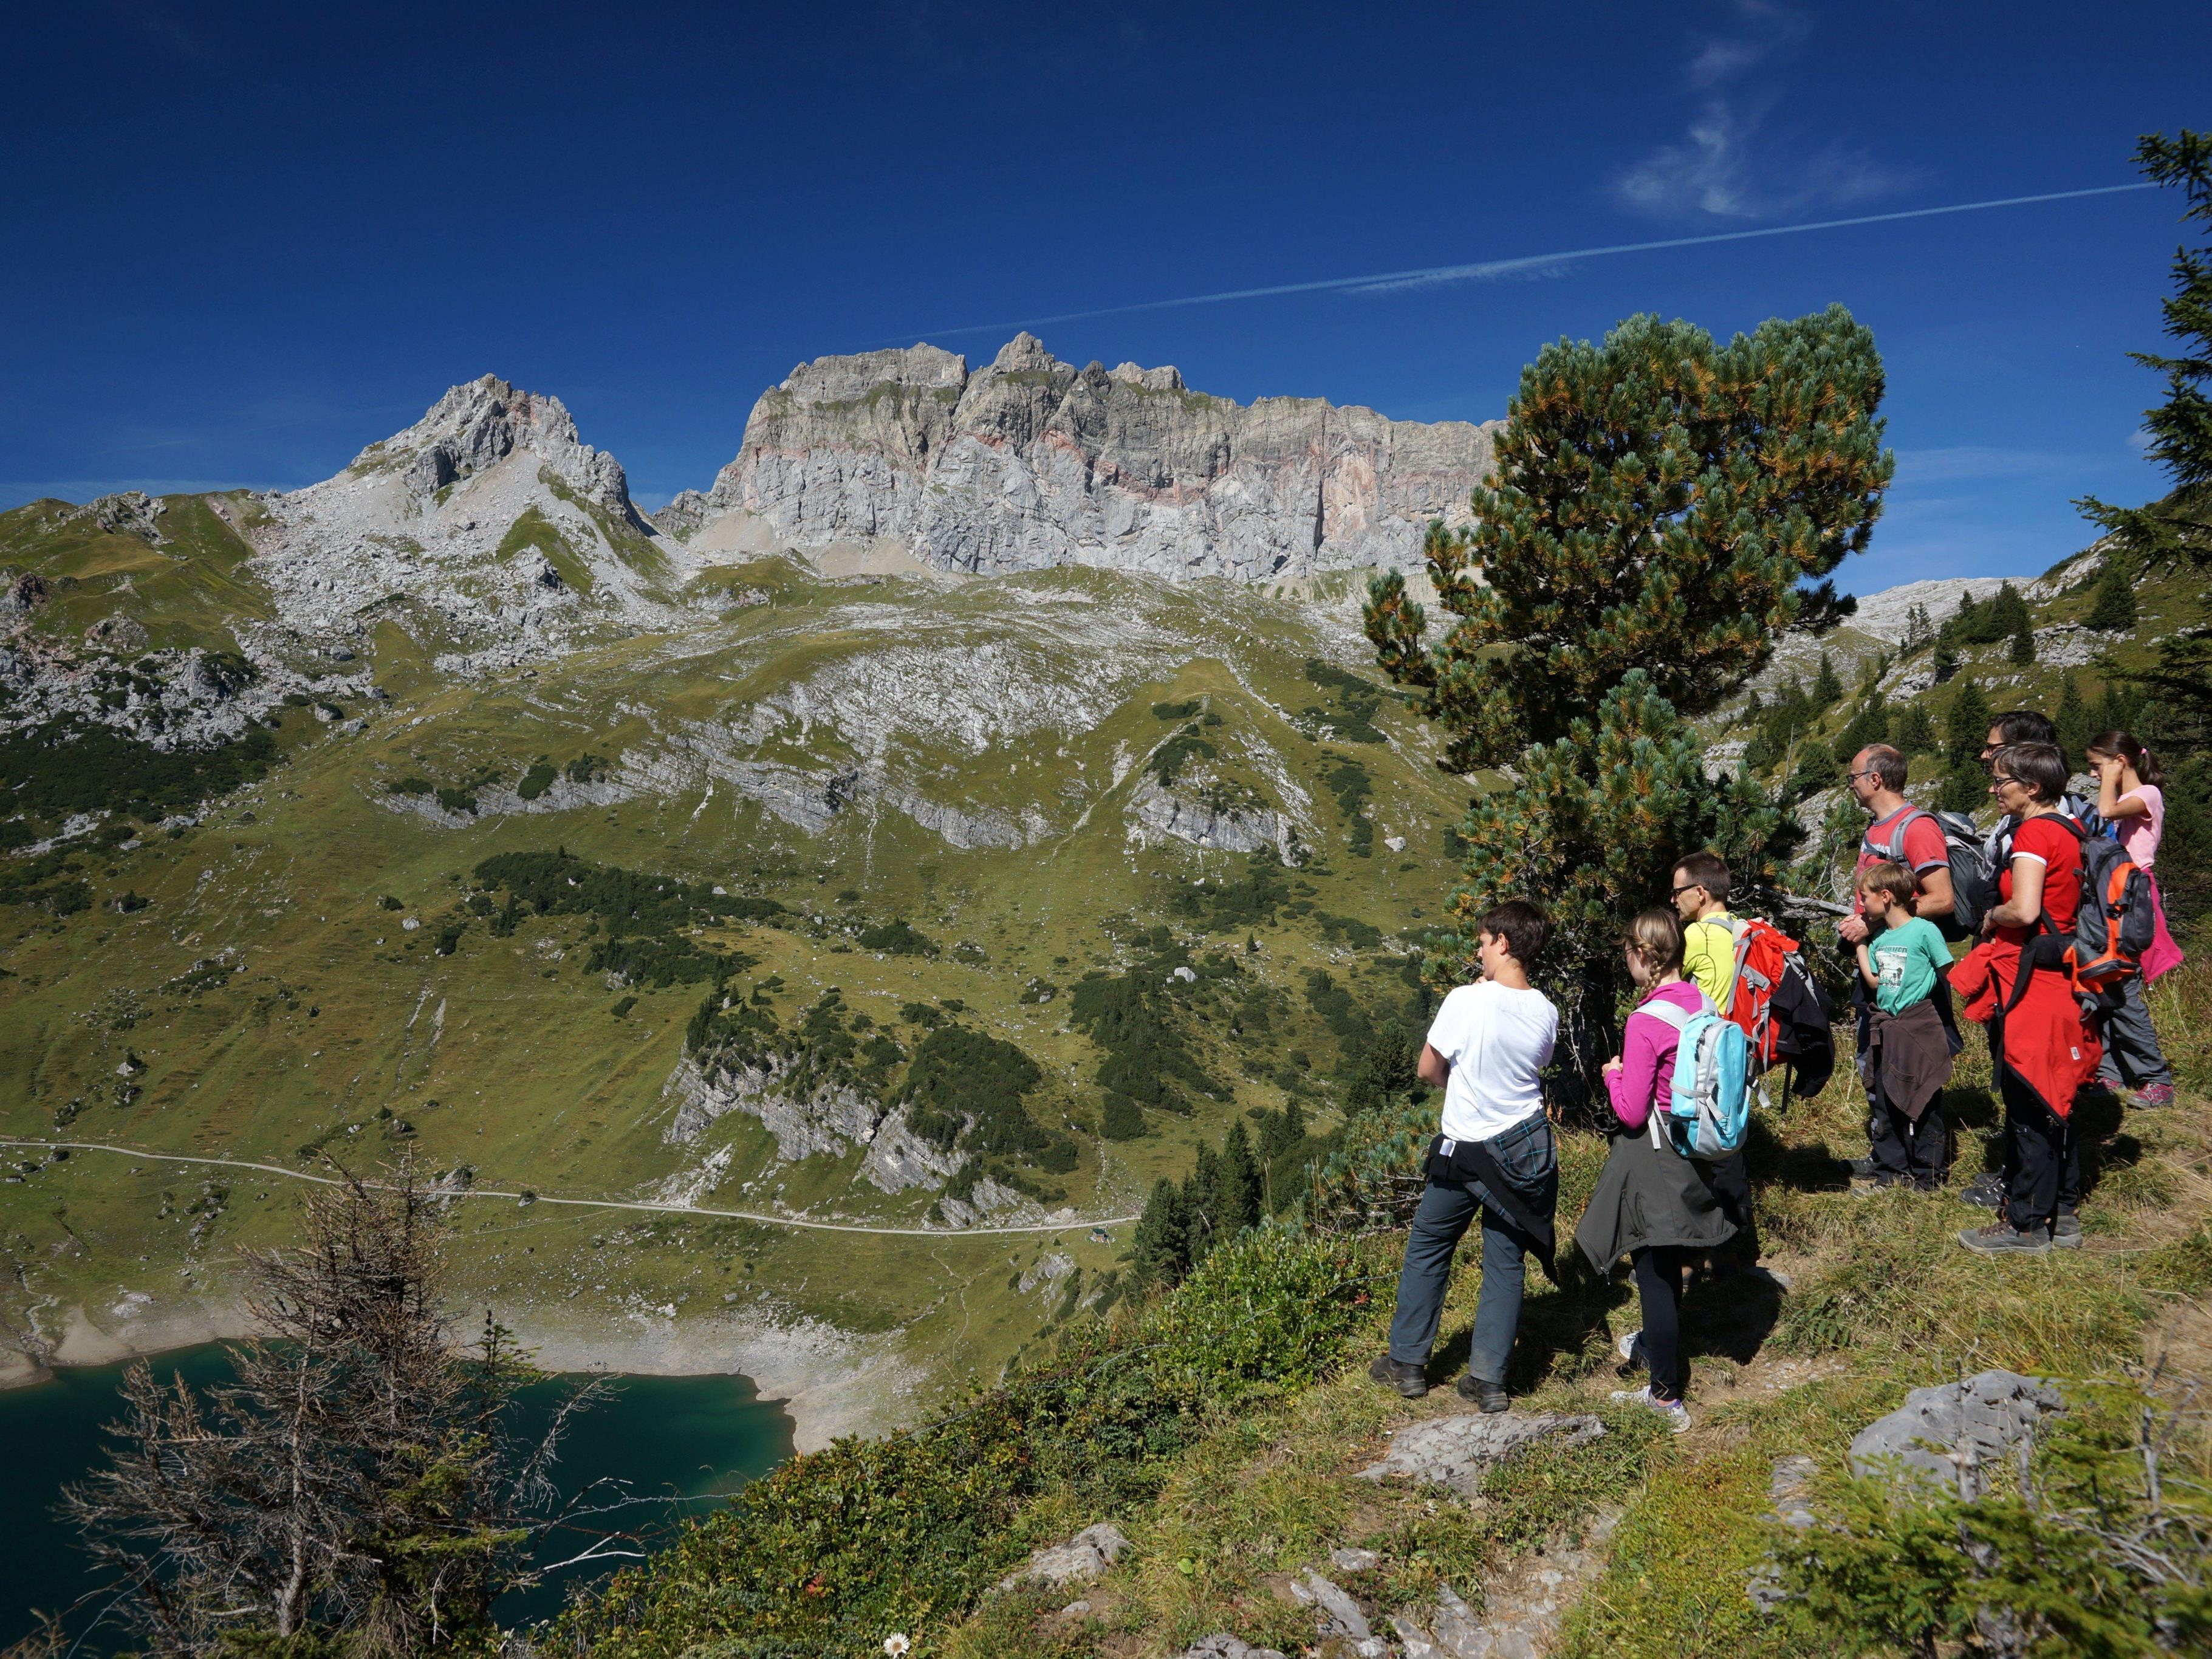 Die Heimat steht bei Österreichern als Urlaubsdestination hoch im Kurs - wenn auch eher für Kurztrips.